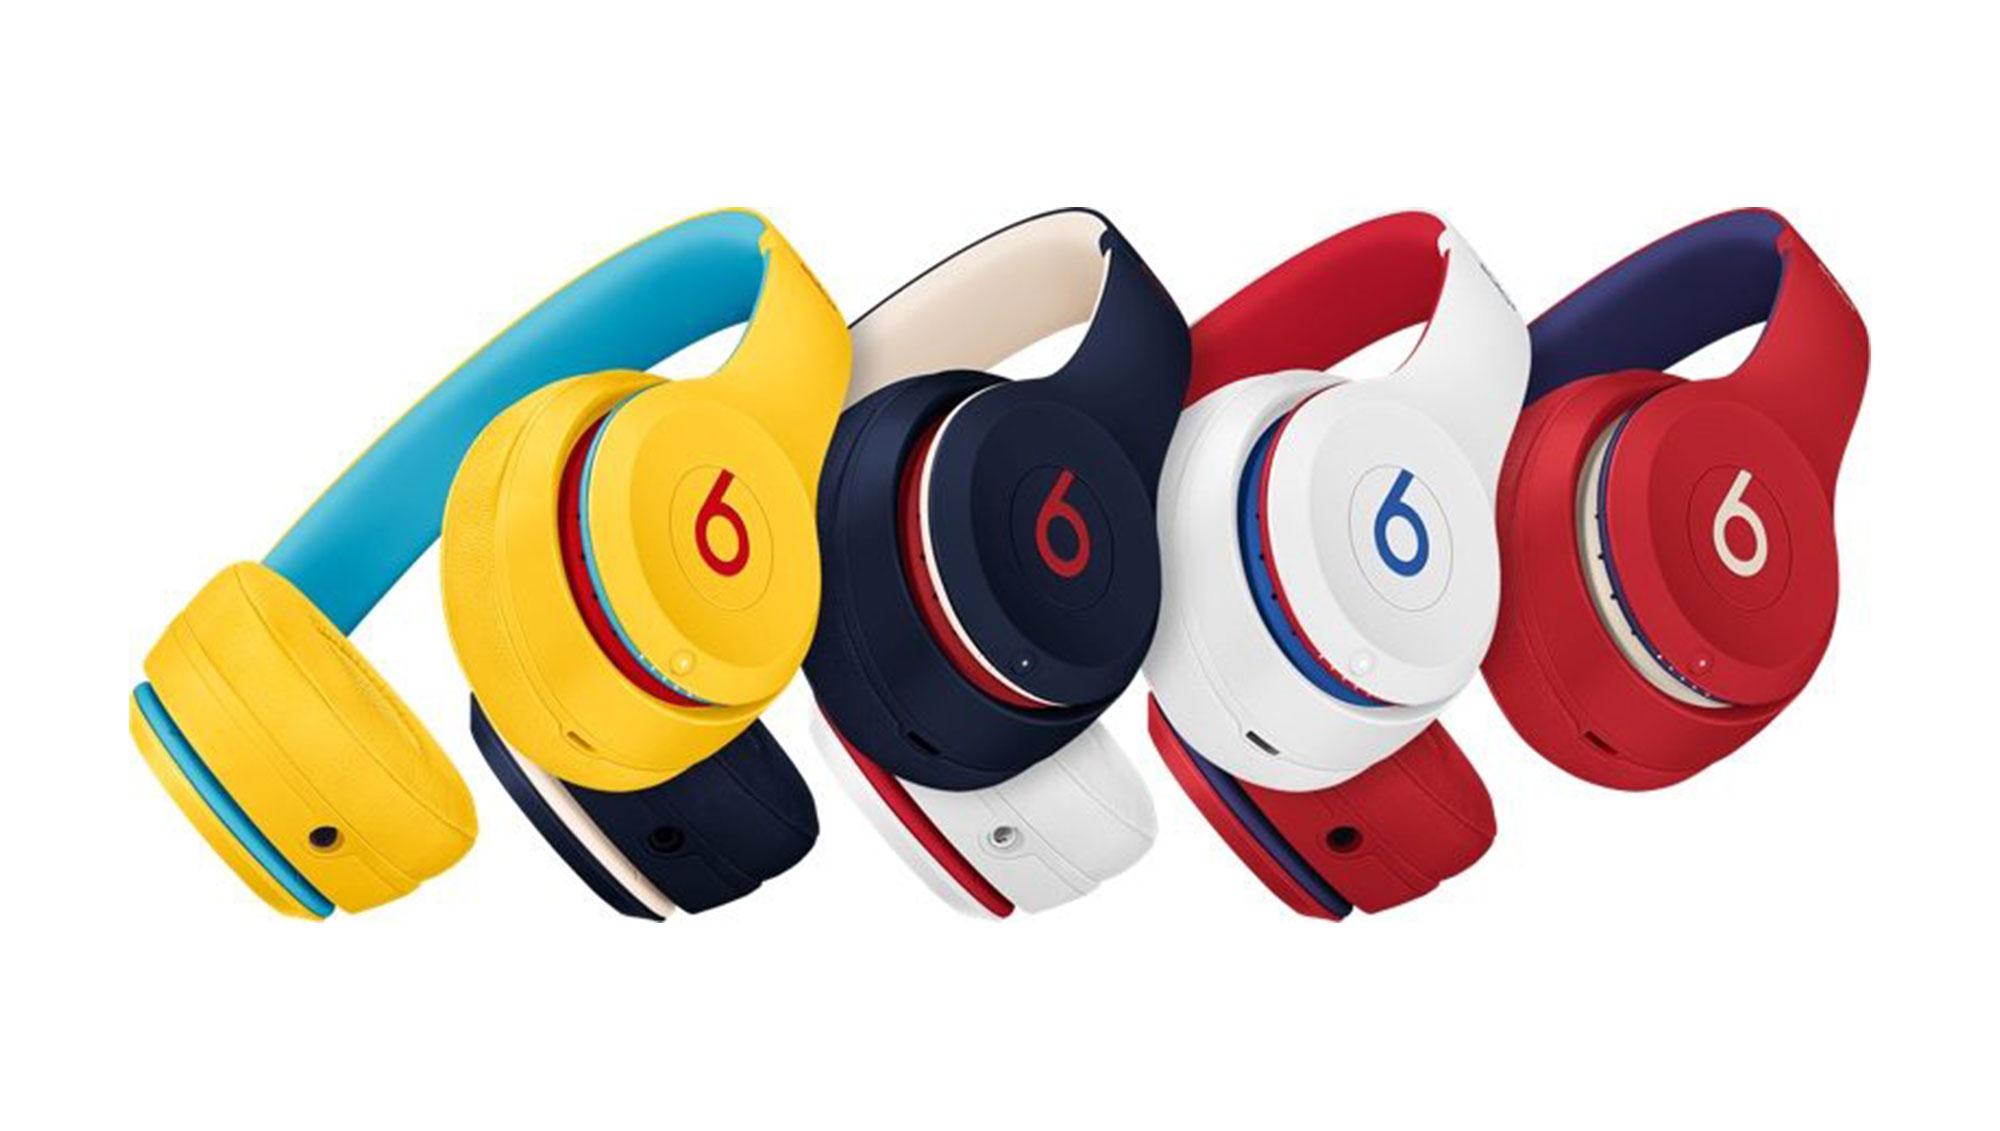 苹果发布全新 Beats Club Collection 无线耳机:配色出众